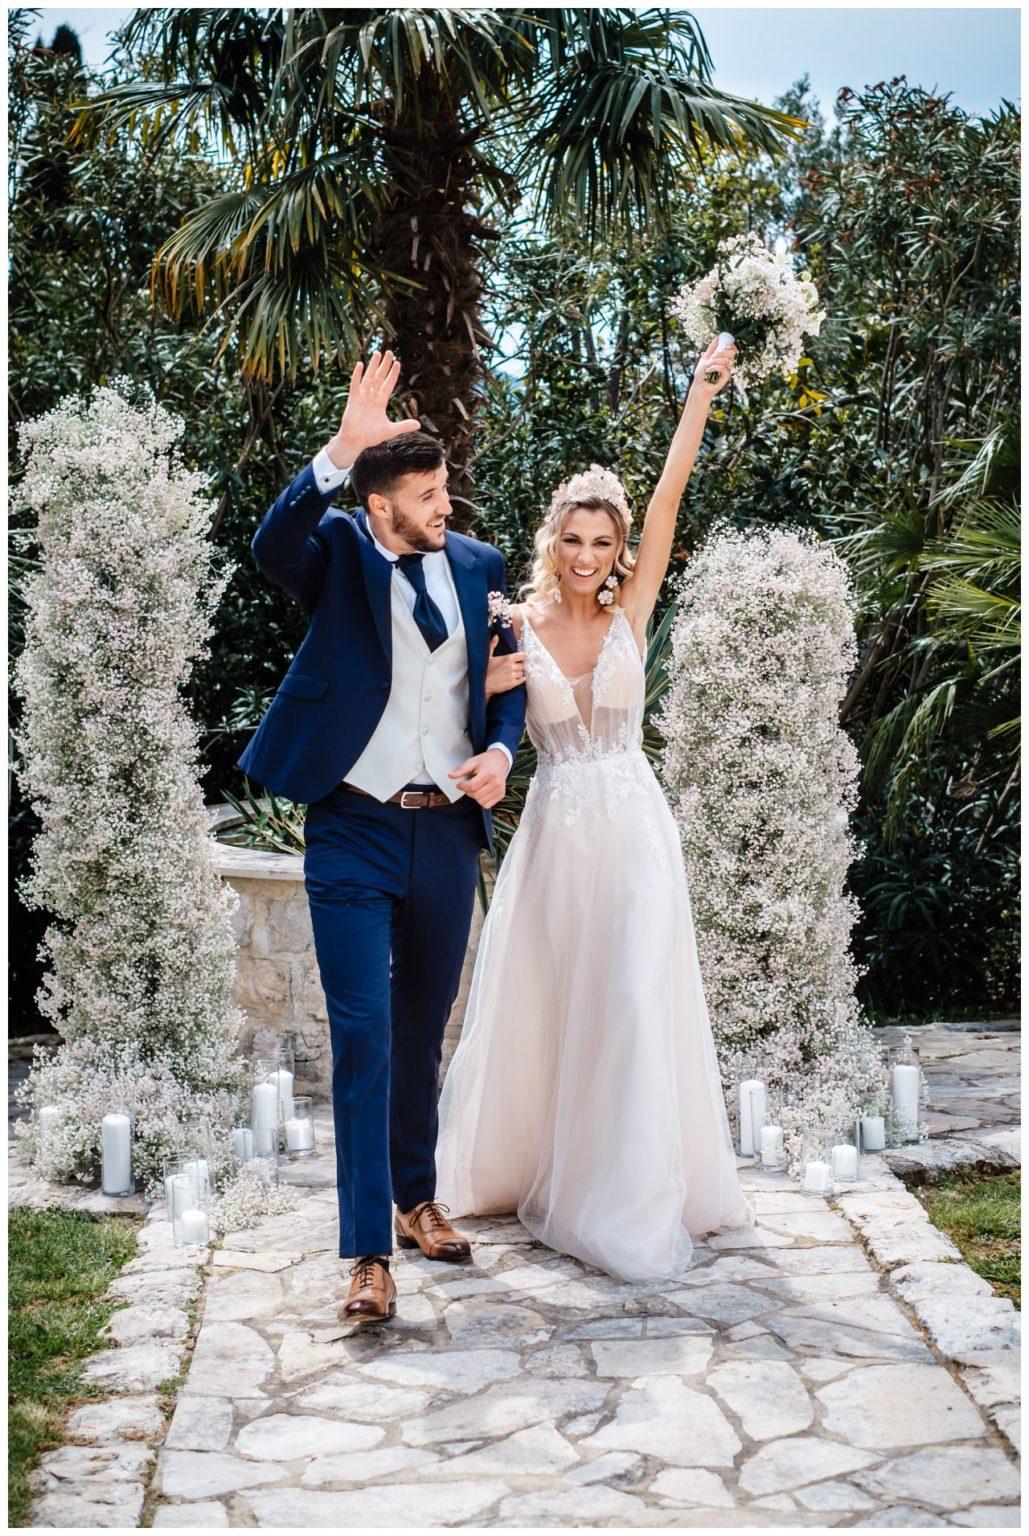 Hochzeit Villa Kroatien Hochzeitsplanung Fotograf 16 - Romantische Hochzeit in einer Villa